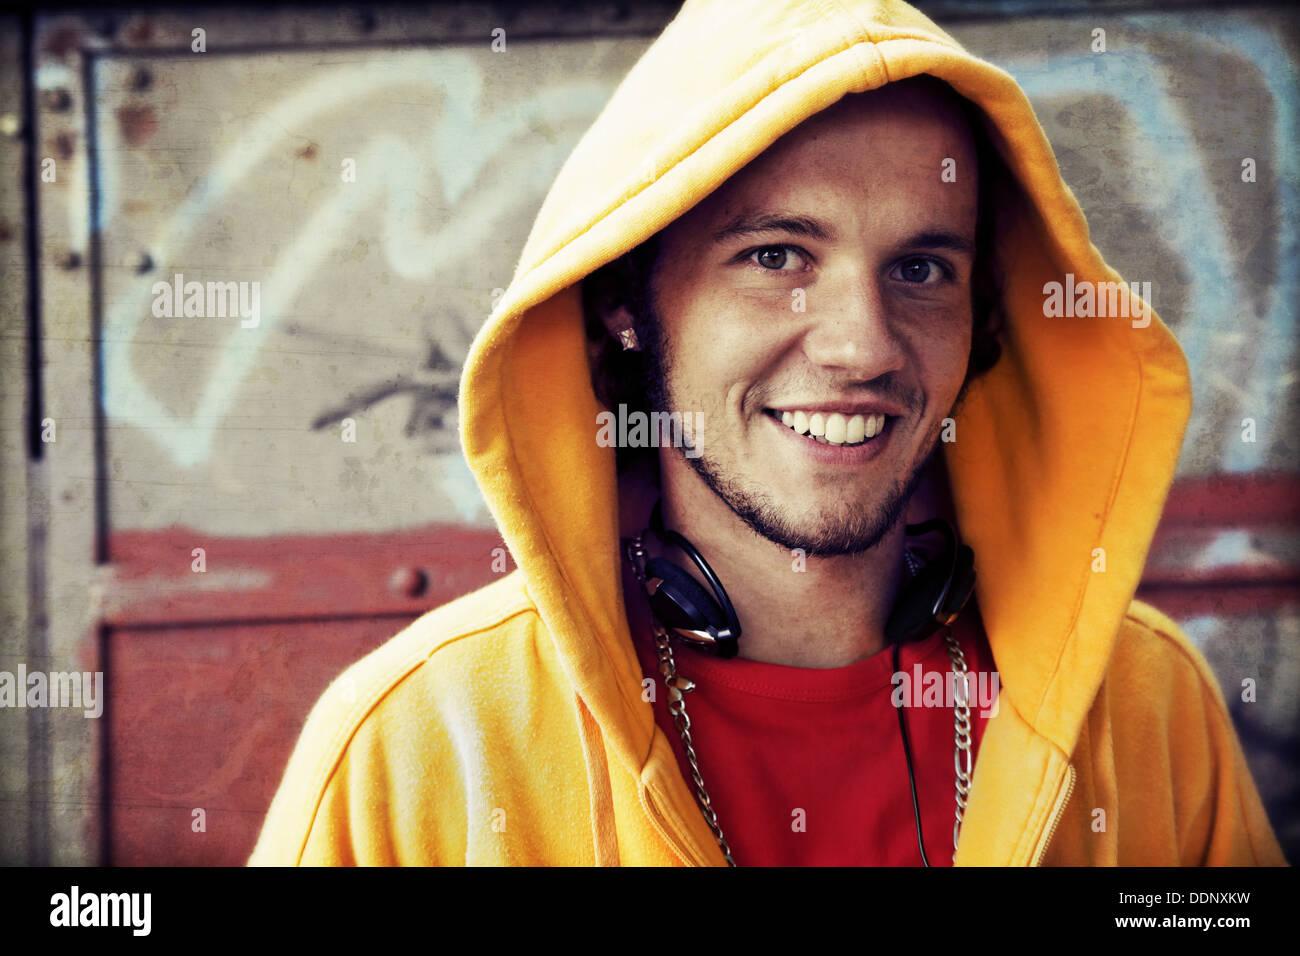 Ados / Jeunes man portrait en noir / cavalier sur le mur de graffiti grunge Photo Stock